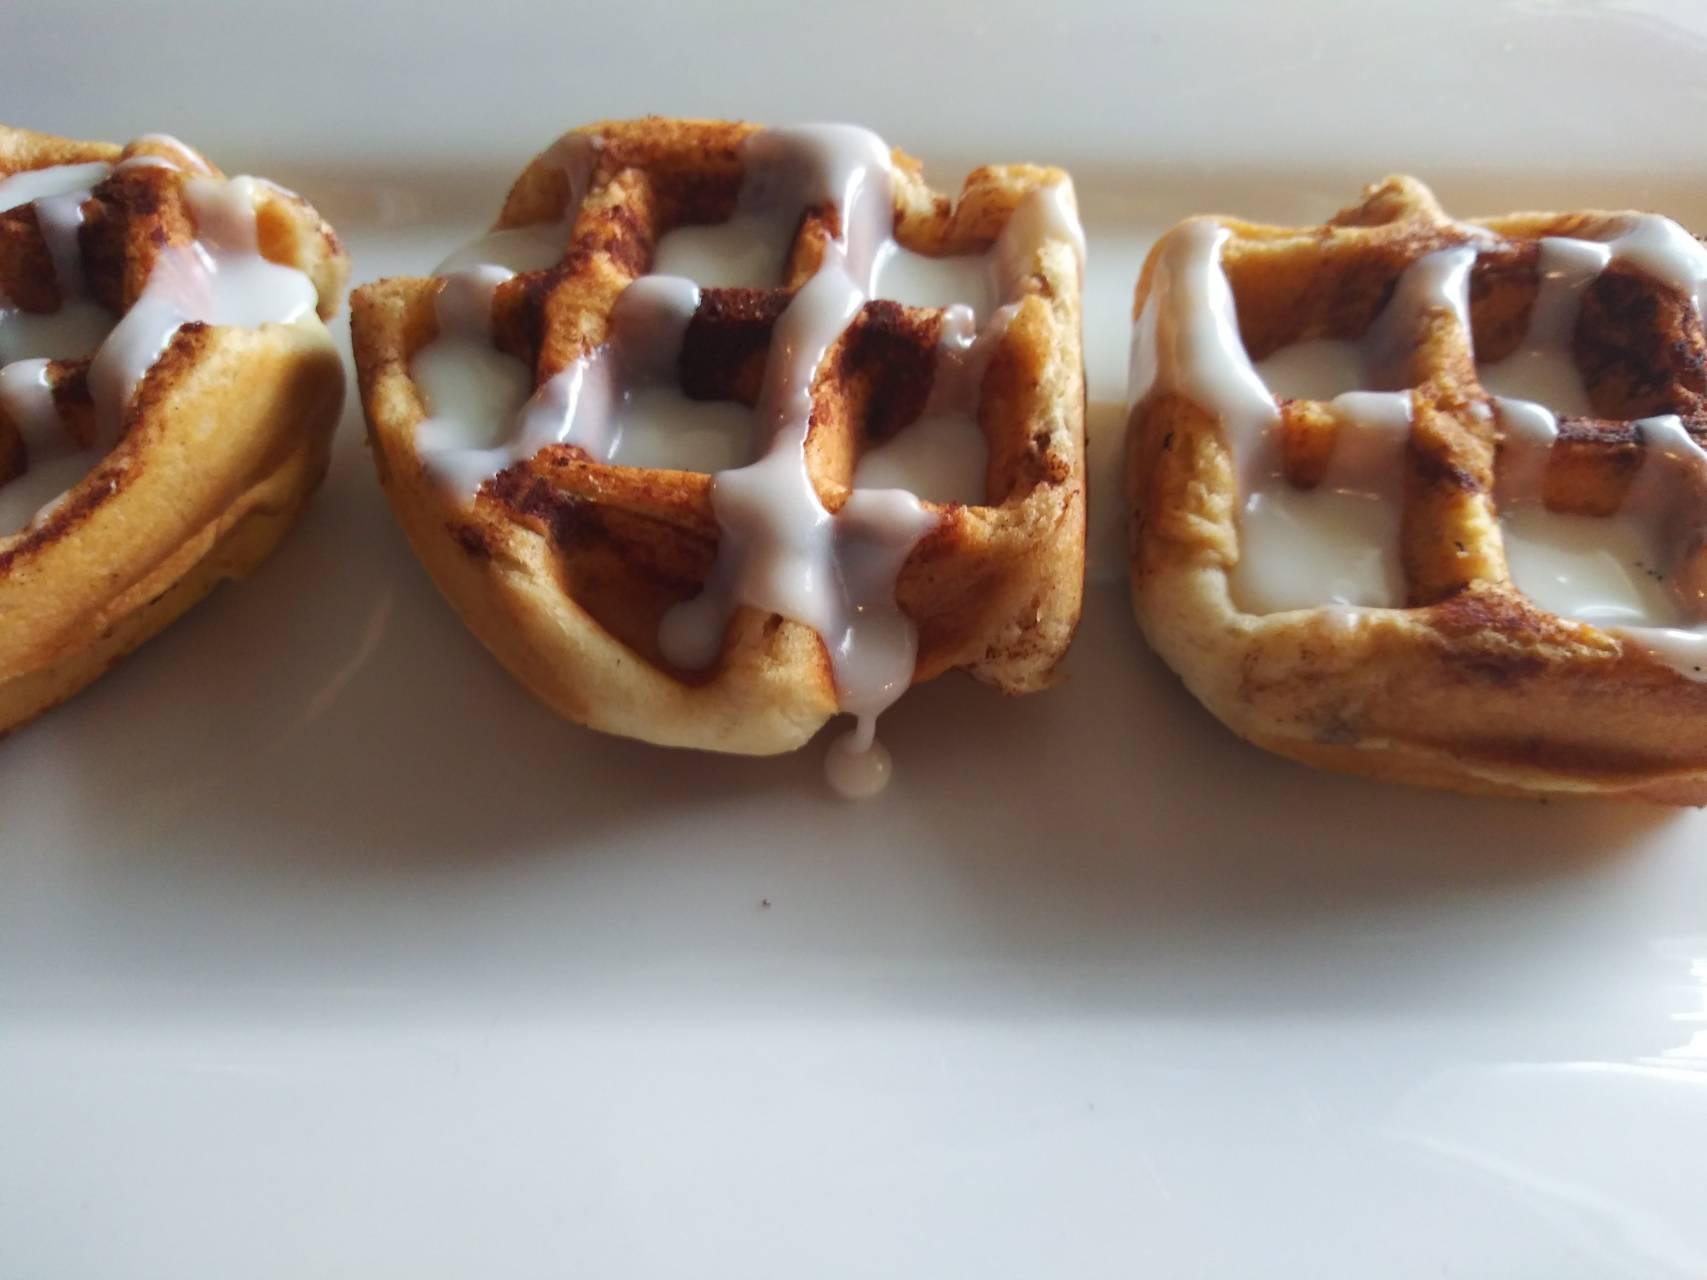 Gooey waffle